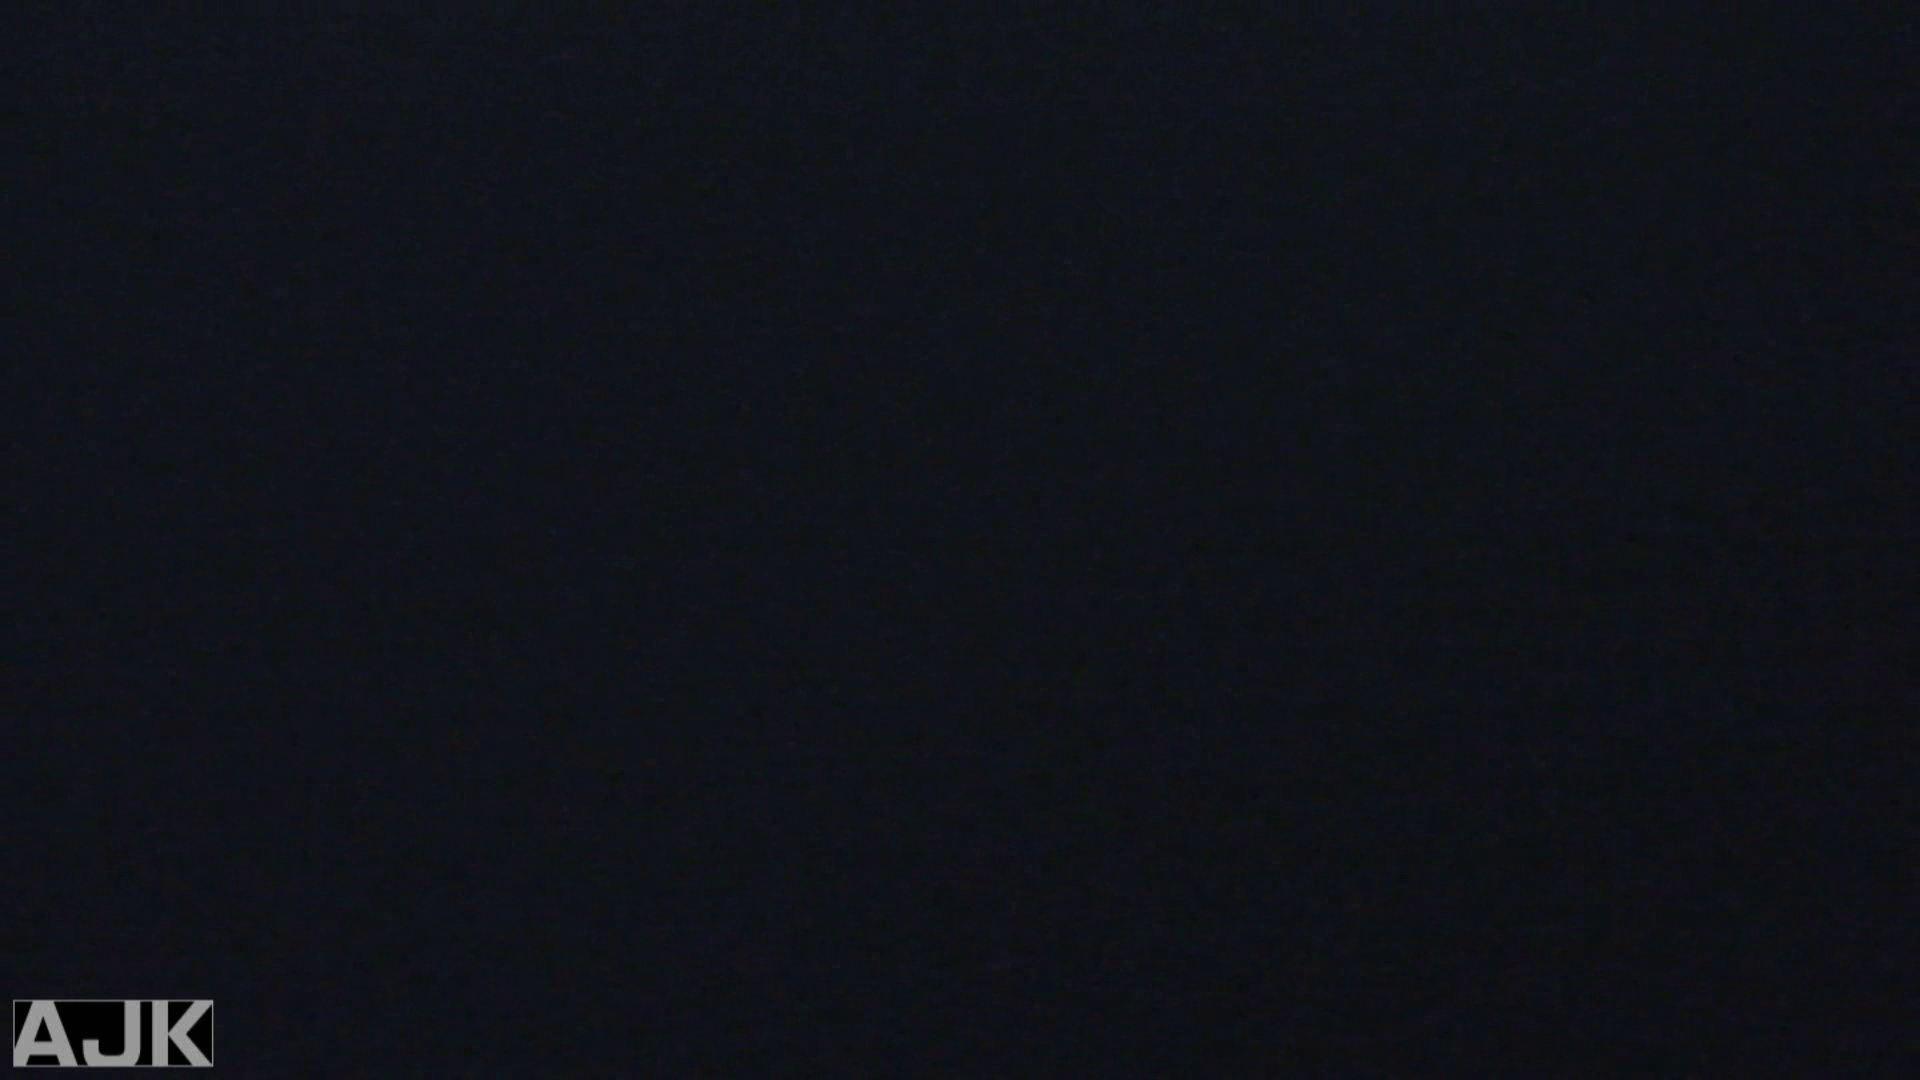 神降臨!史上最強の潜入かわや! vol.13 無料オマンコ | 潜入  66PICs 29